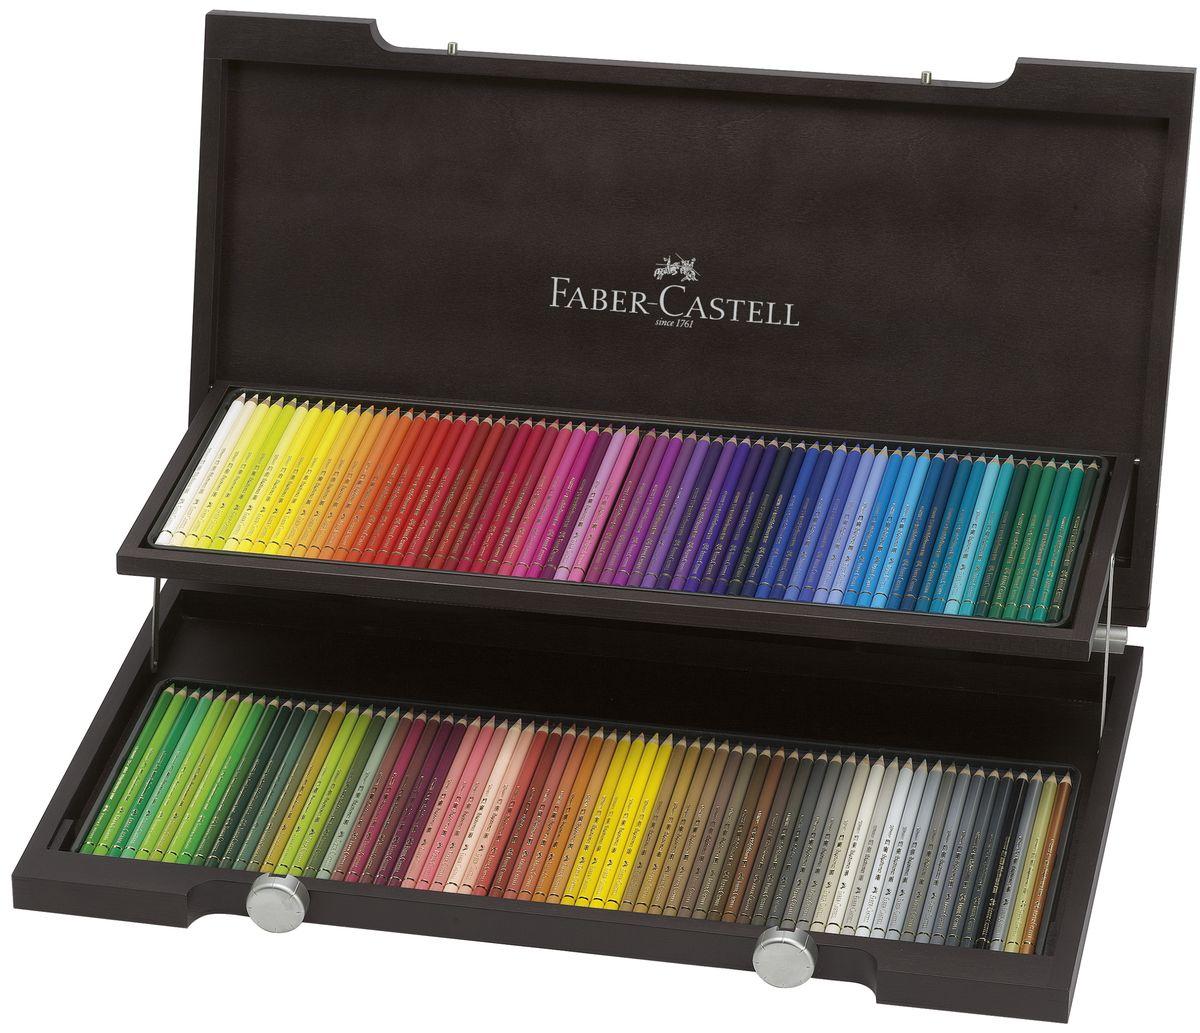 Faber-Castell Художественный набор с цветными карандашами POLYCHROMOS набор цветов в деревянном пенале 120 шт110013цветные карандаши наивысшего качества • высокое содержание очень качественных пигментов гарантирует устойчивость к воздействию света и интенсивность • грифель толщиной 3,8 мм • гладкий грифель на основе воска, водоустойчив, не размазывается